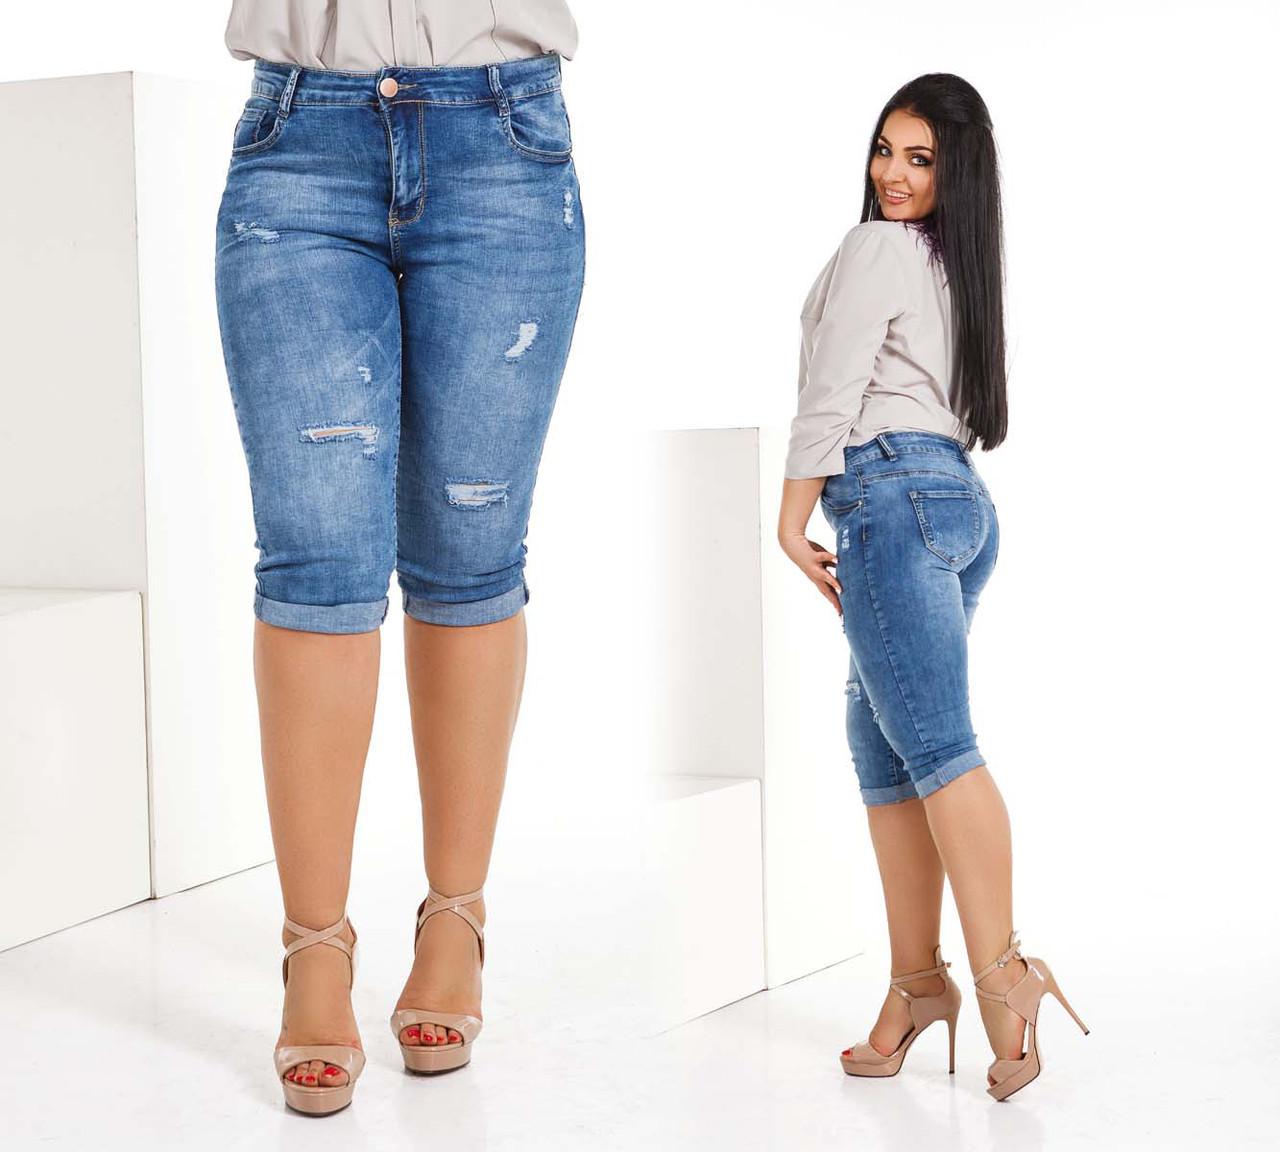 Женский стильные джинсовые бриджи в больших размерах 278